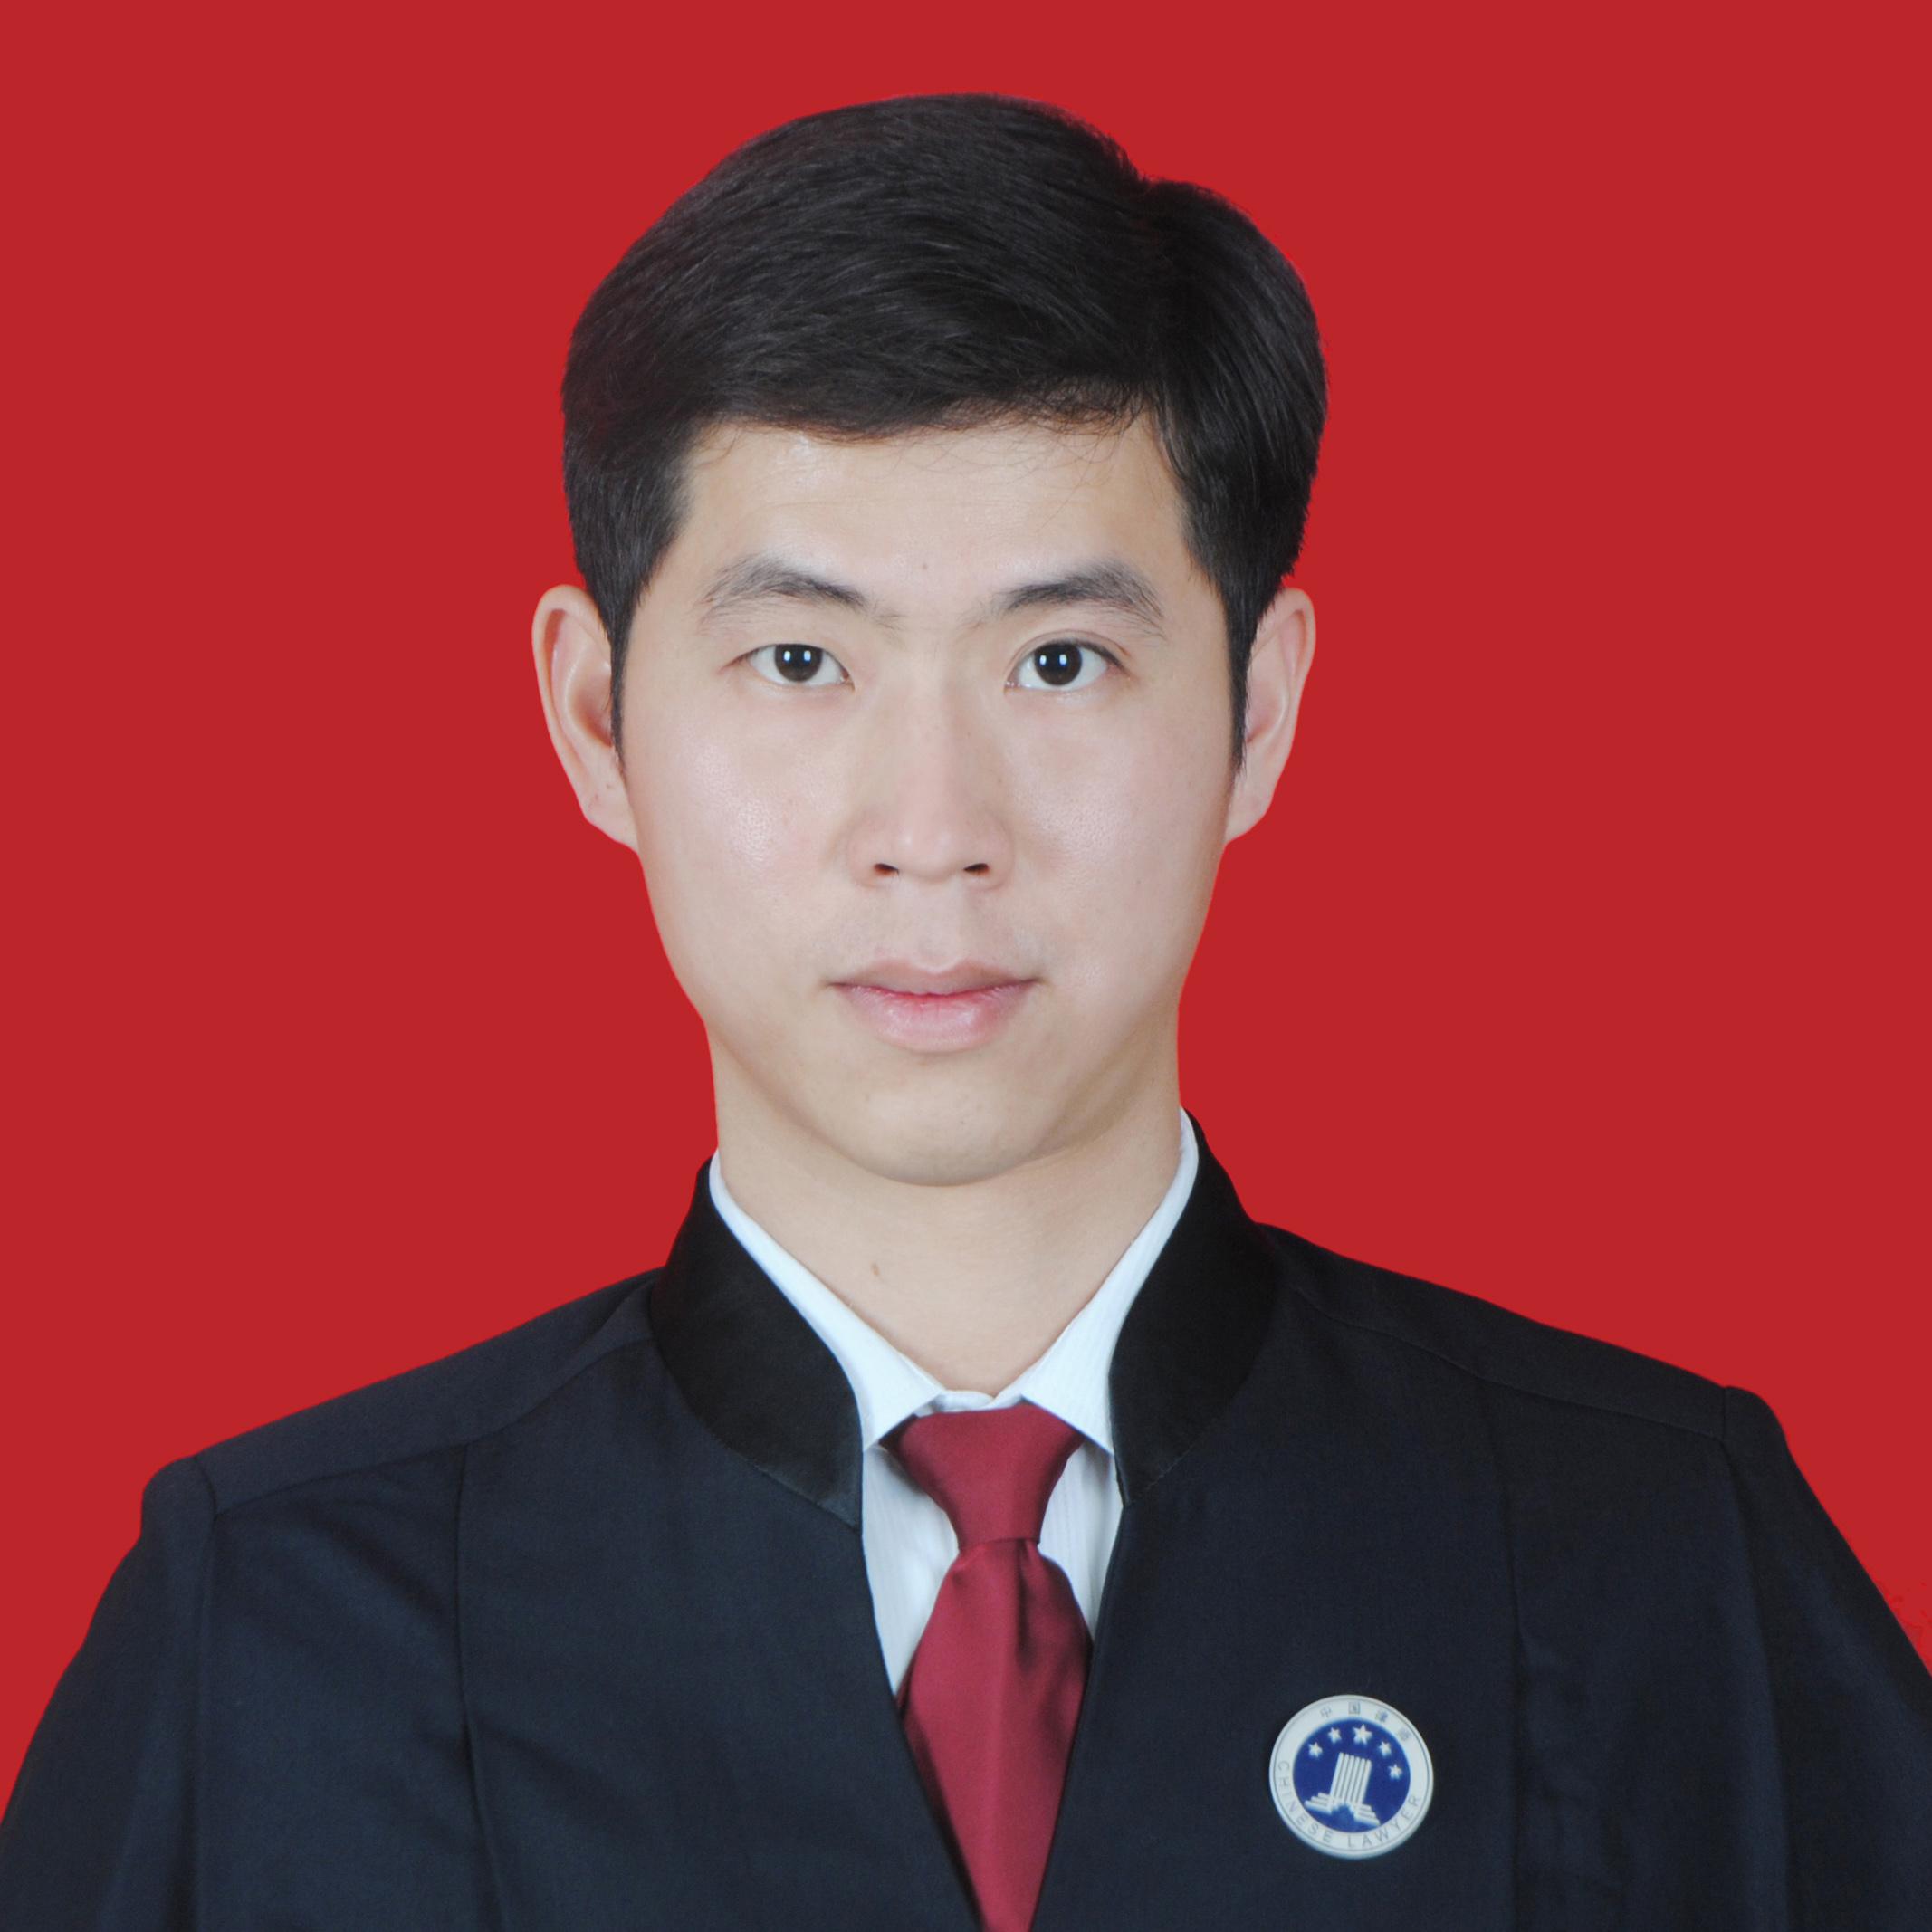 张逸_律师照片